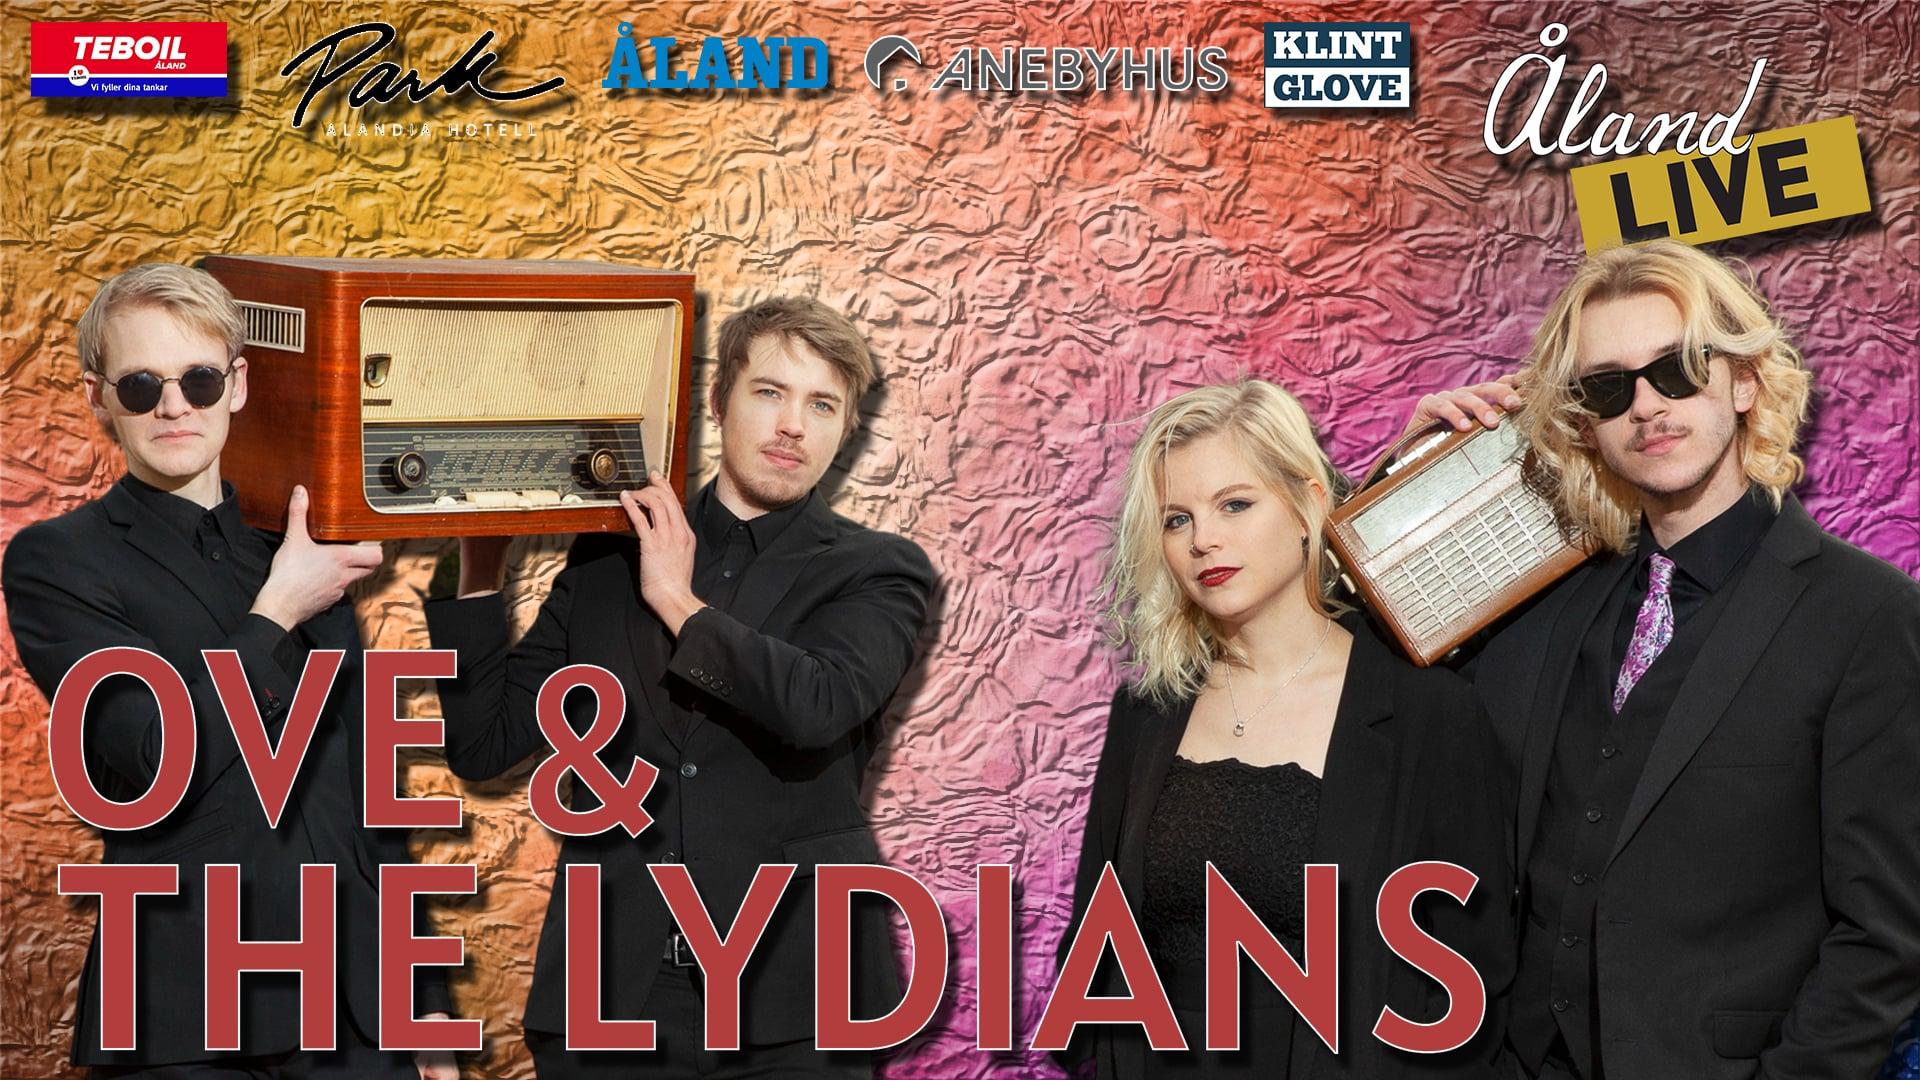 ÅlandLIVE Goes Rock n' Roll med Ove & The Lydians!